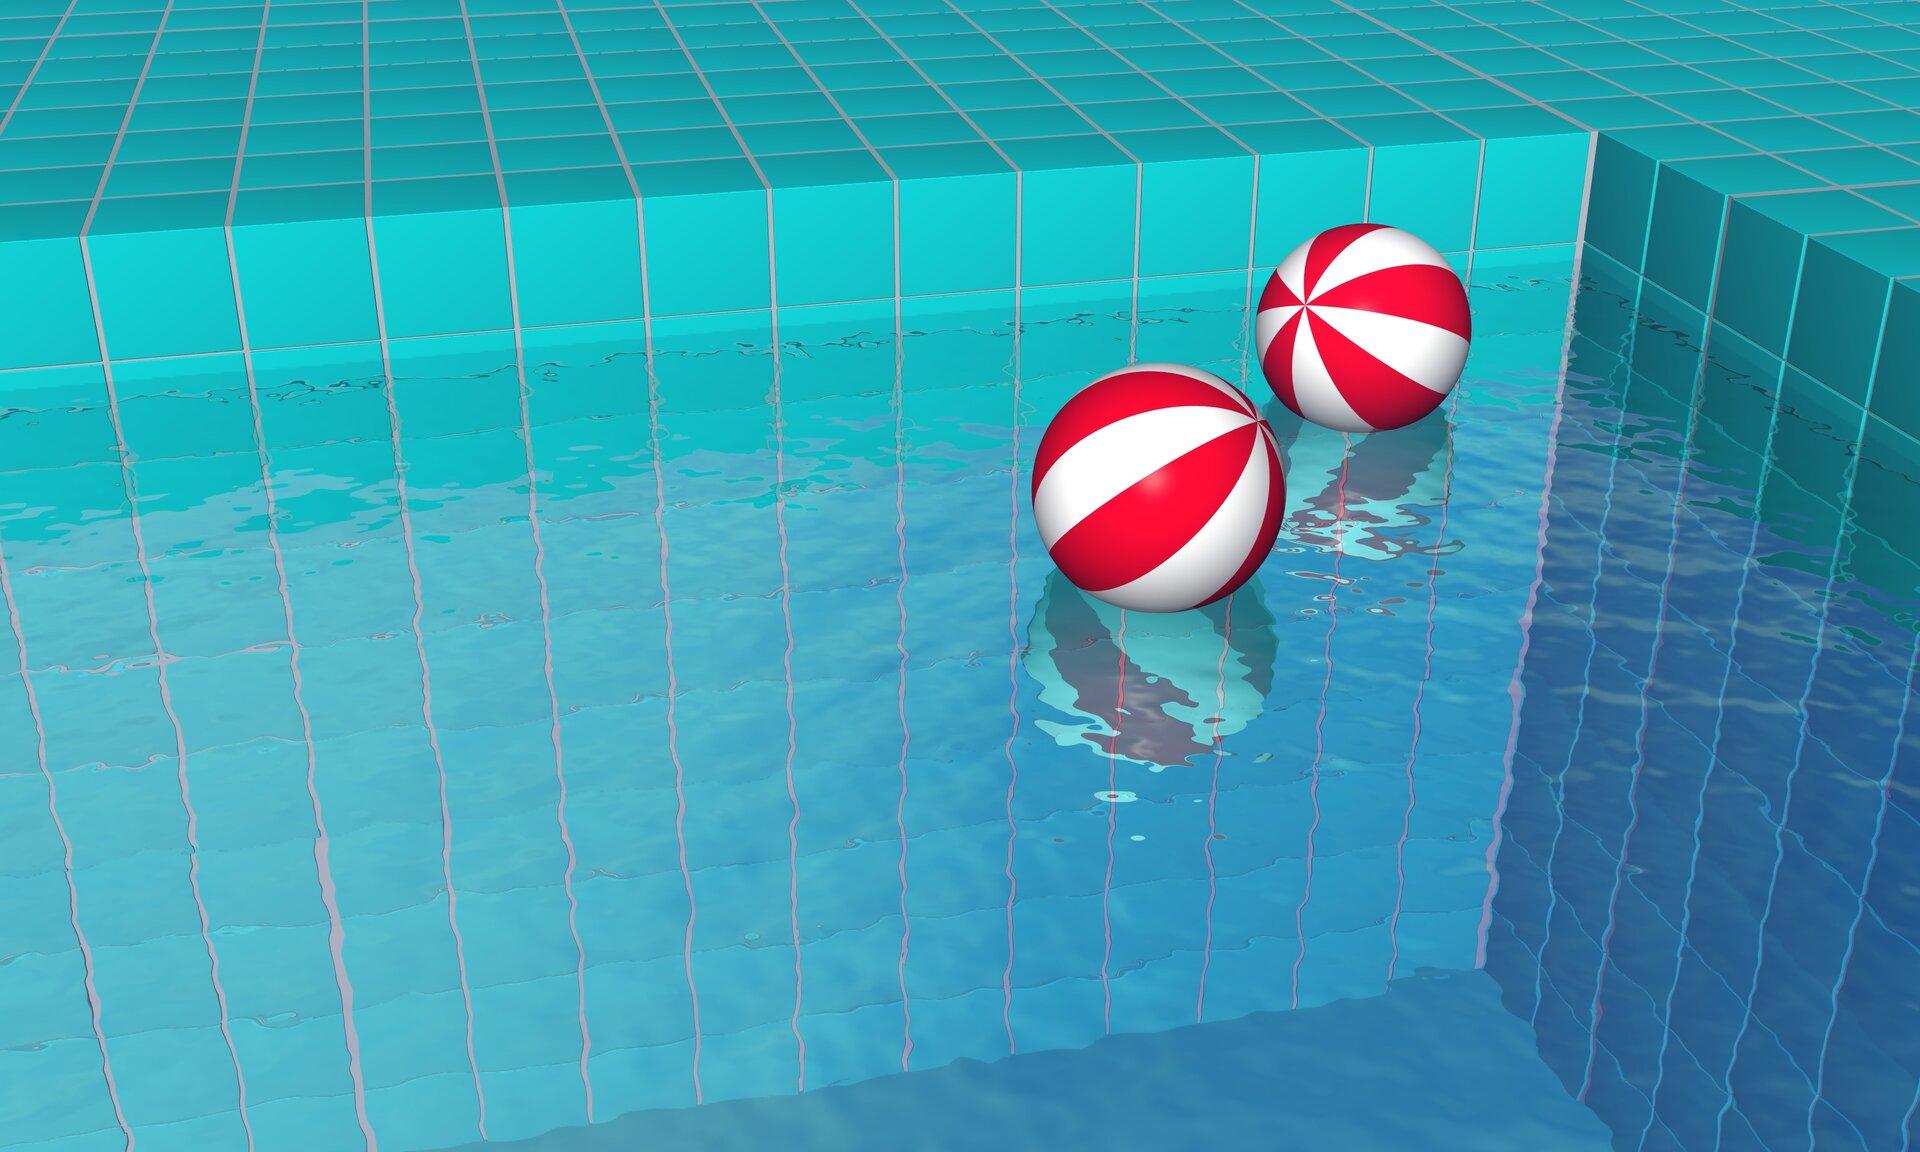 Na ilustracji przedstawiono fragment basenu. Na powierzchni wody unoszą się dwie dmuchane, czerwono-białe piłki.